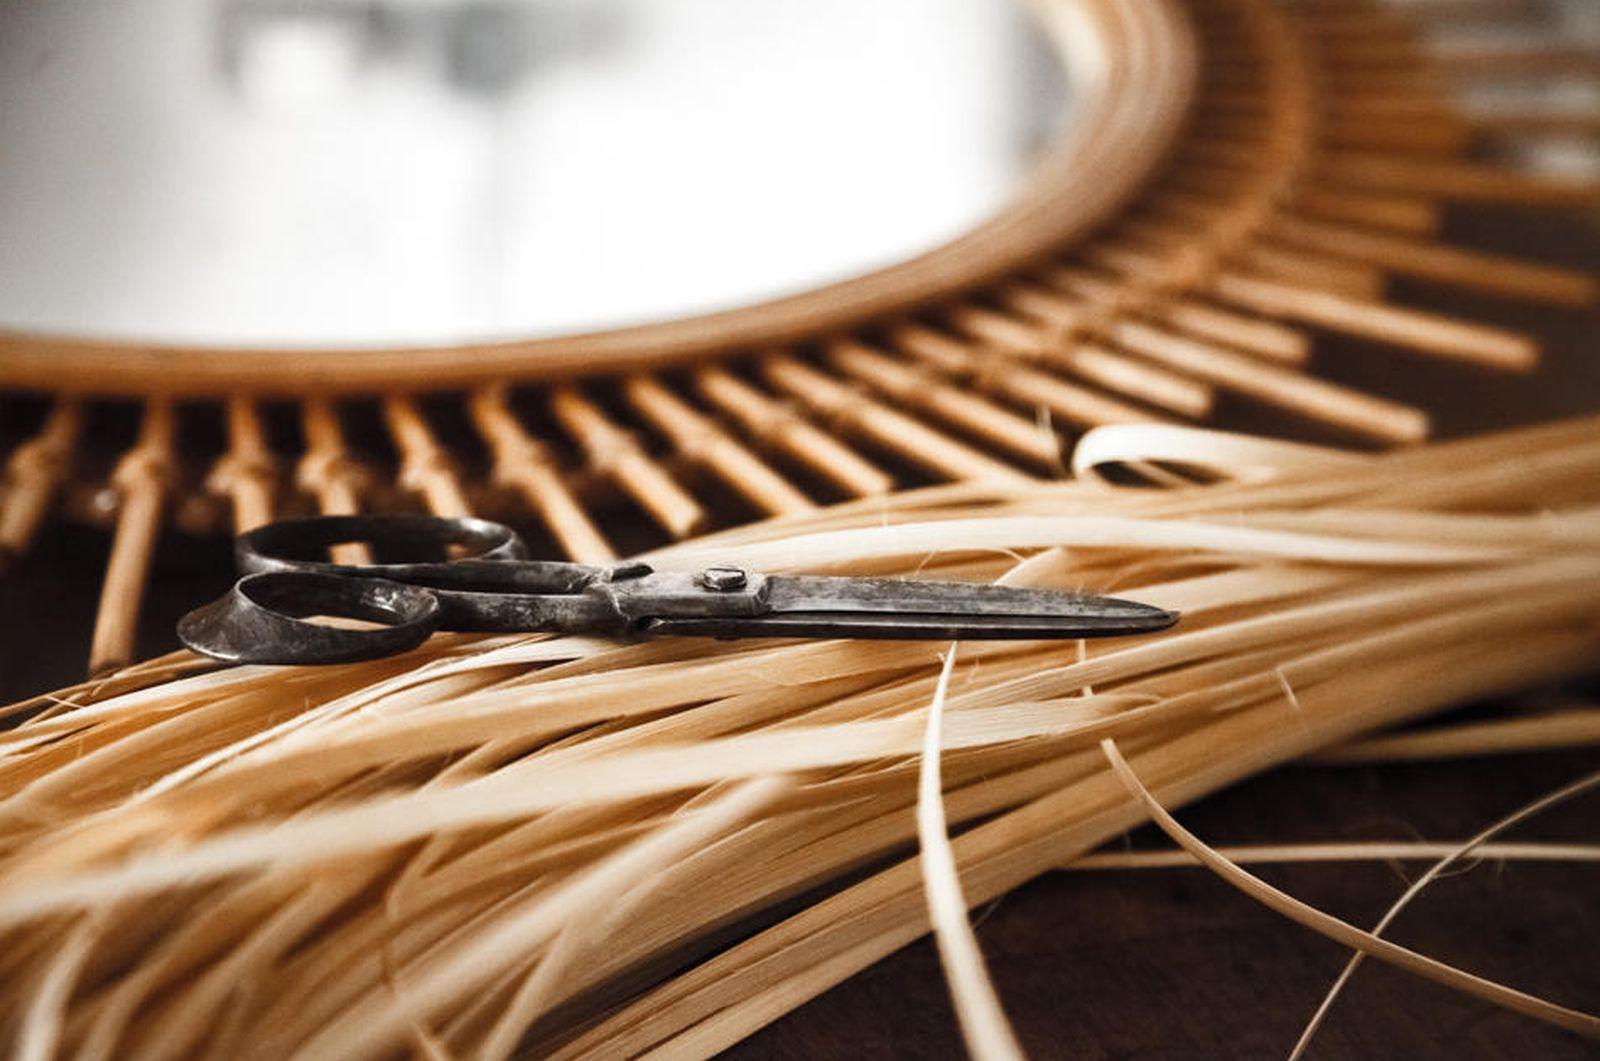 Foto: Detalle de uno de los espejos, herramientas y materiales empleados por el artesano Javier Sánchez Medina (Cortesía)